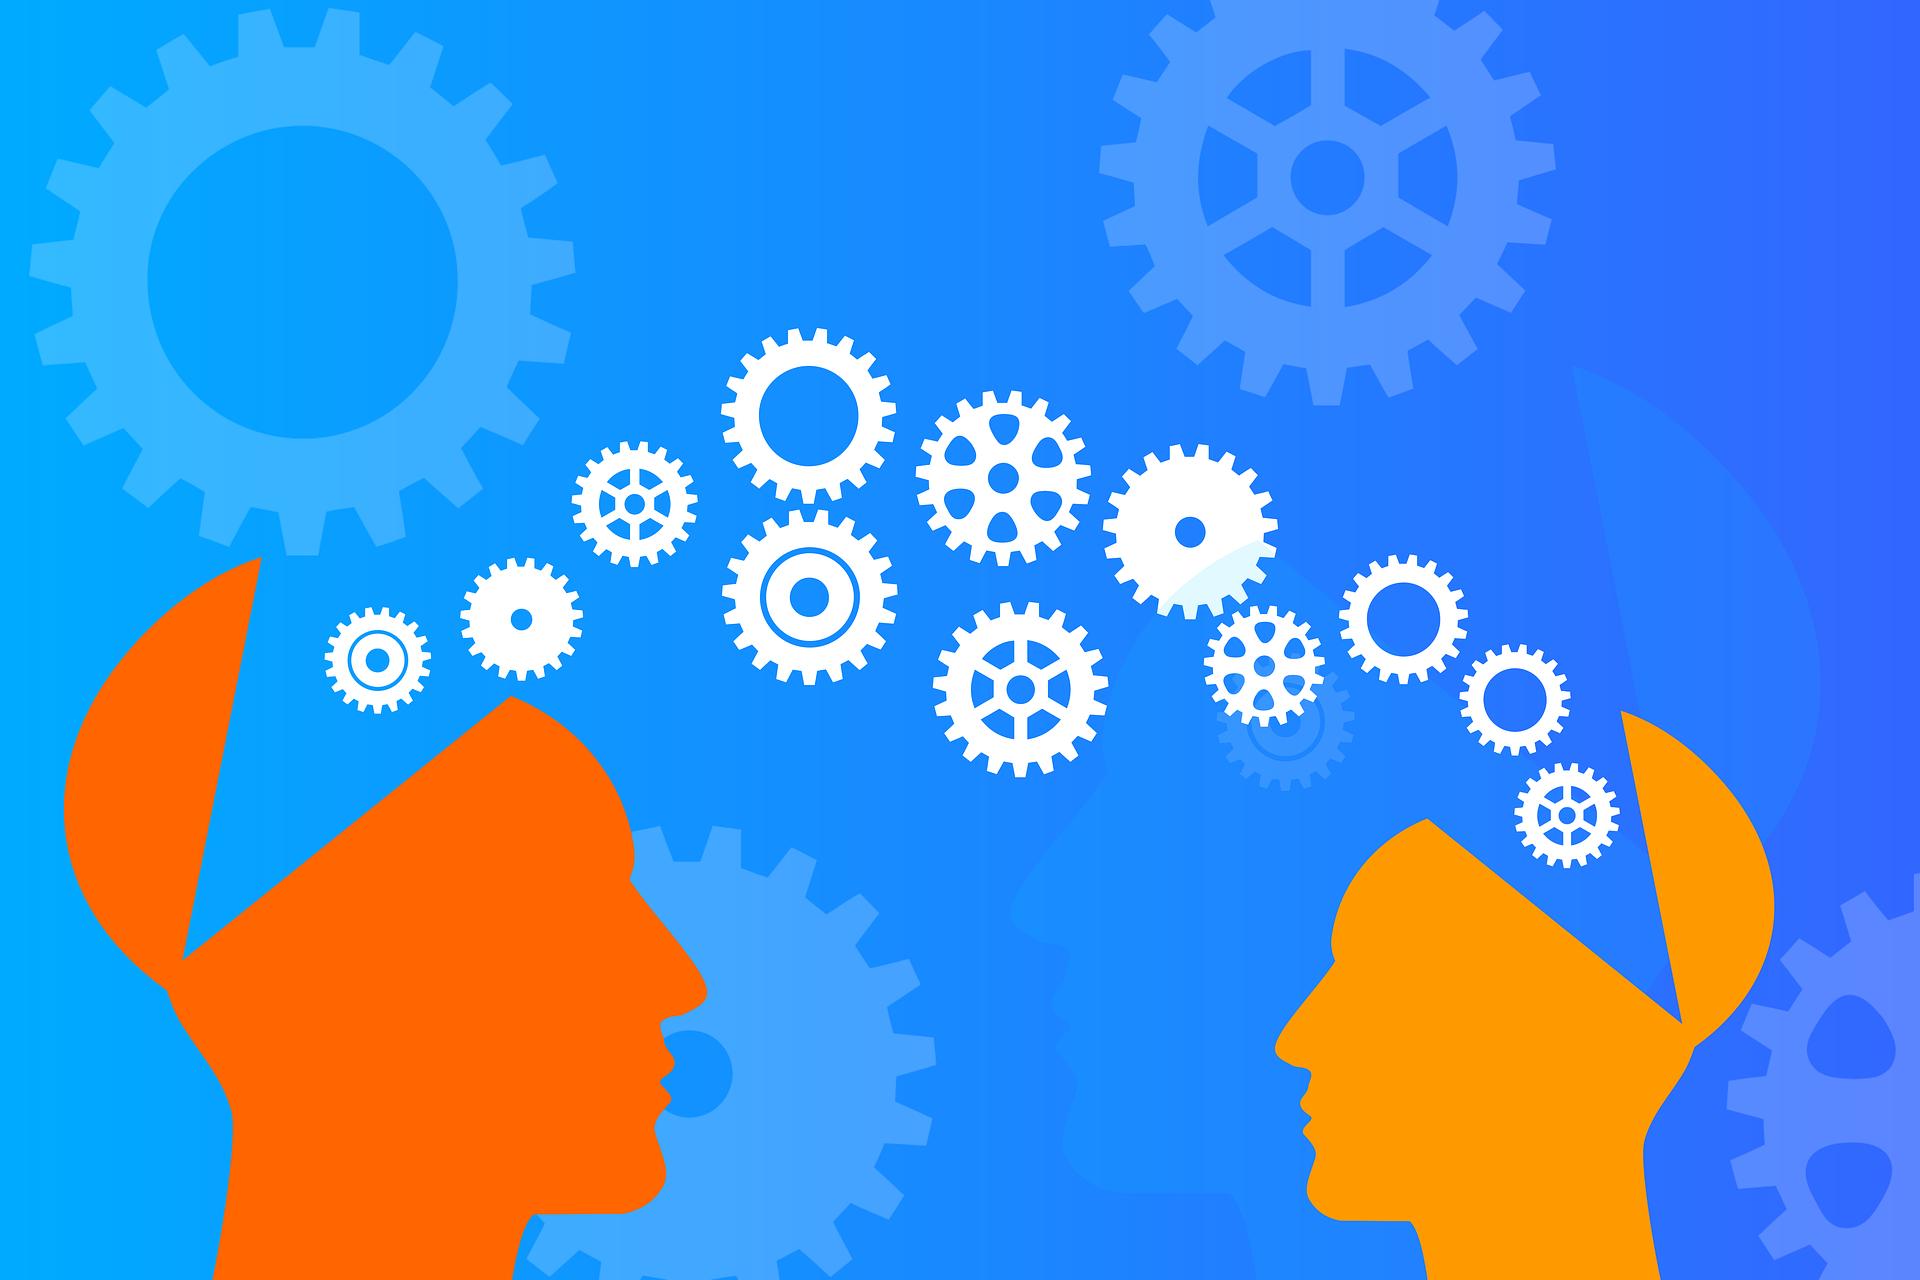 Una buena mentalización permite diferenciar los propios pensamientos de los pensamientos de los demás.